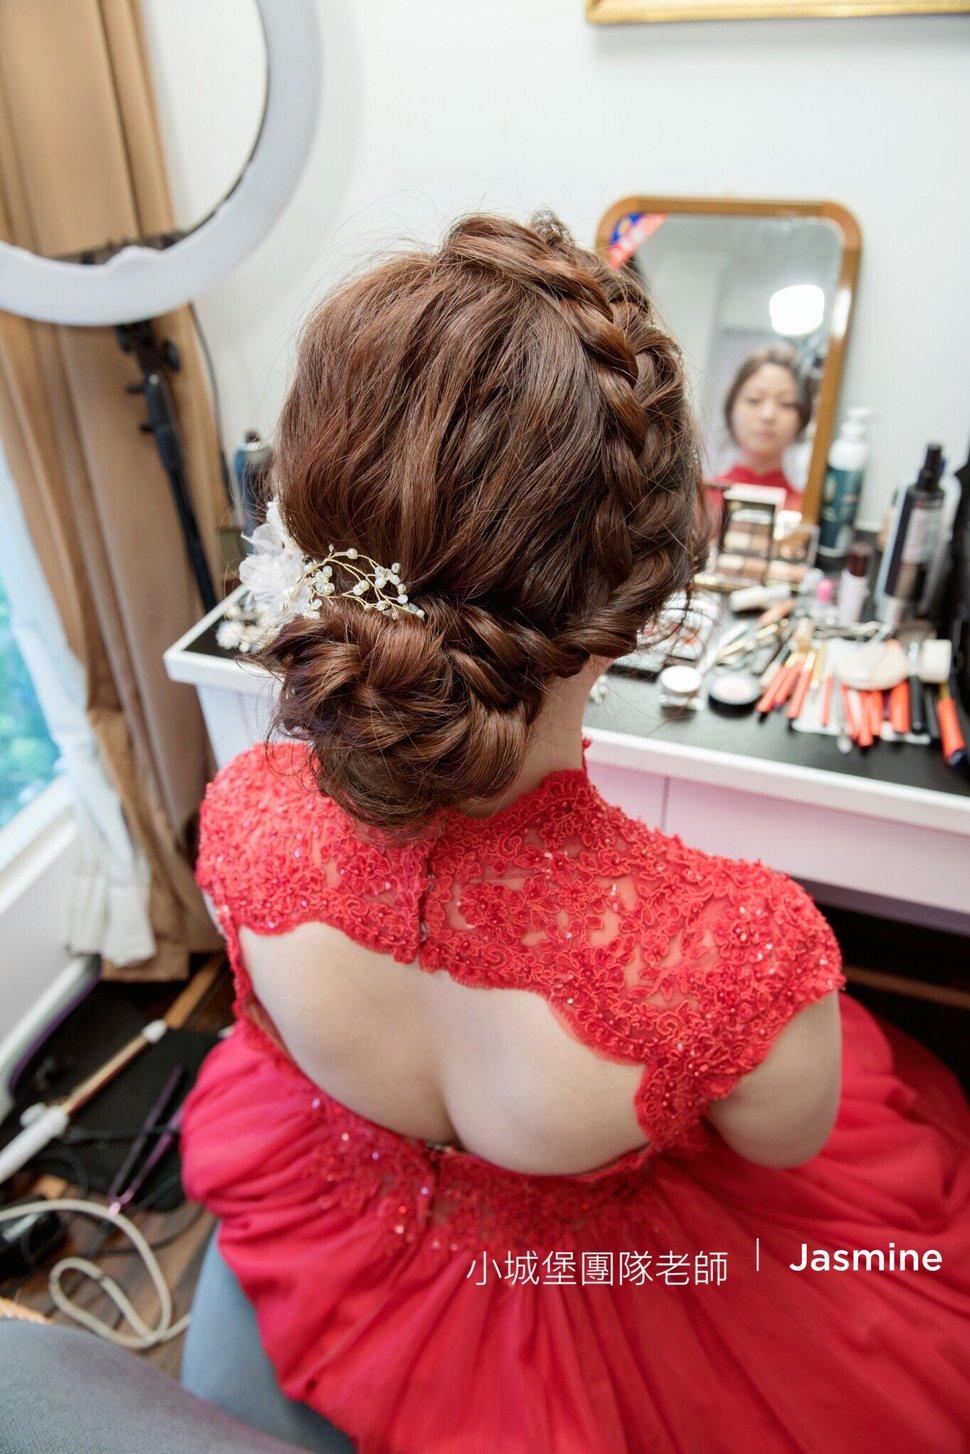 52EEC728-6876-45C6-AB64-9C61931117EE - Jasmine Makeup新娘秘書《結婚吧》